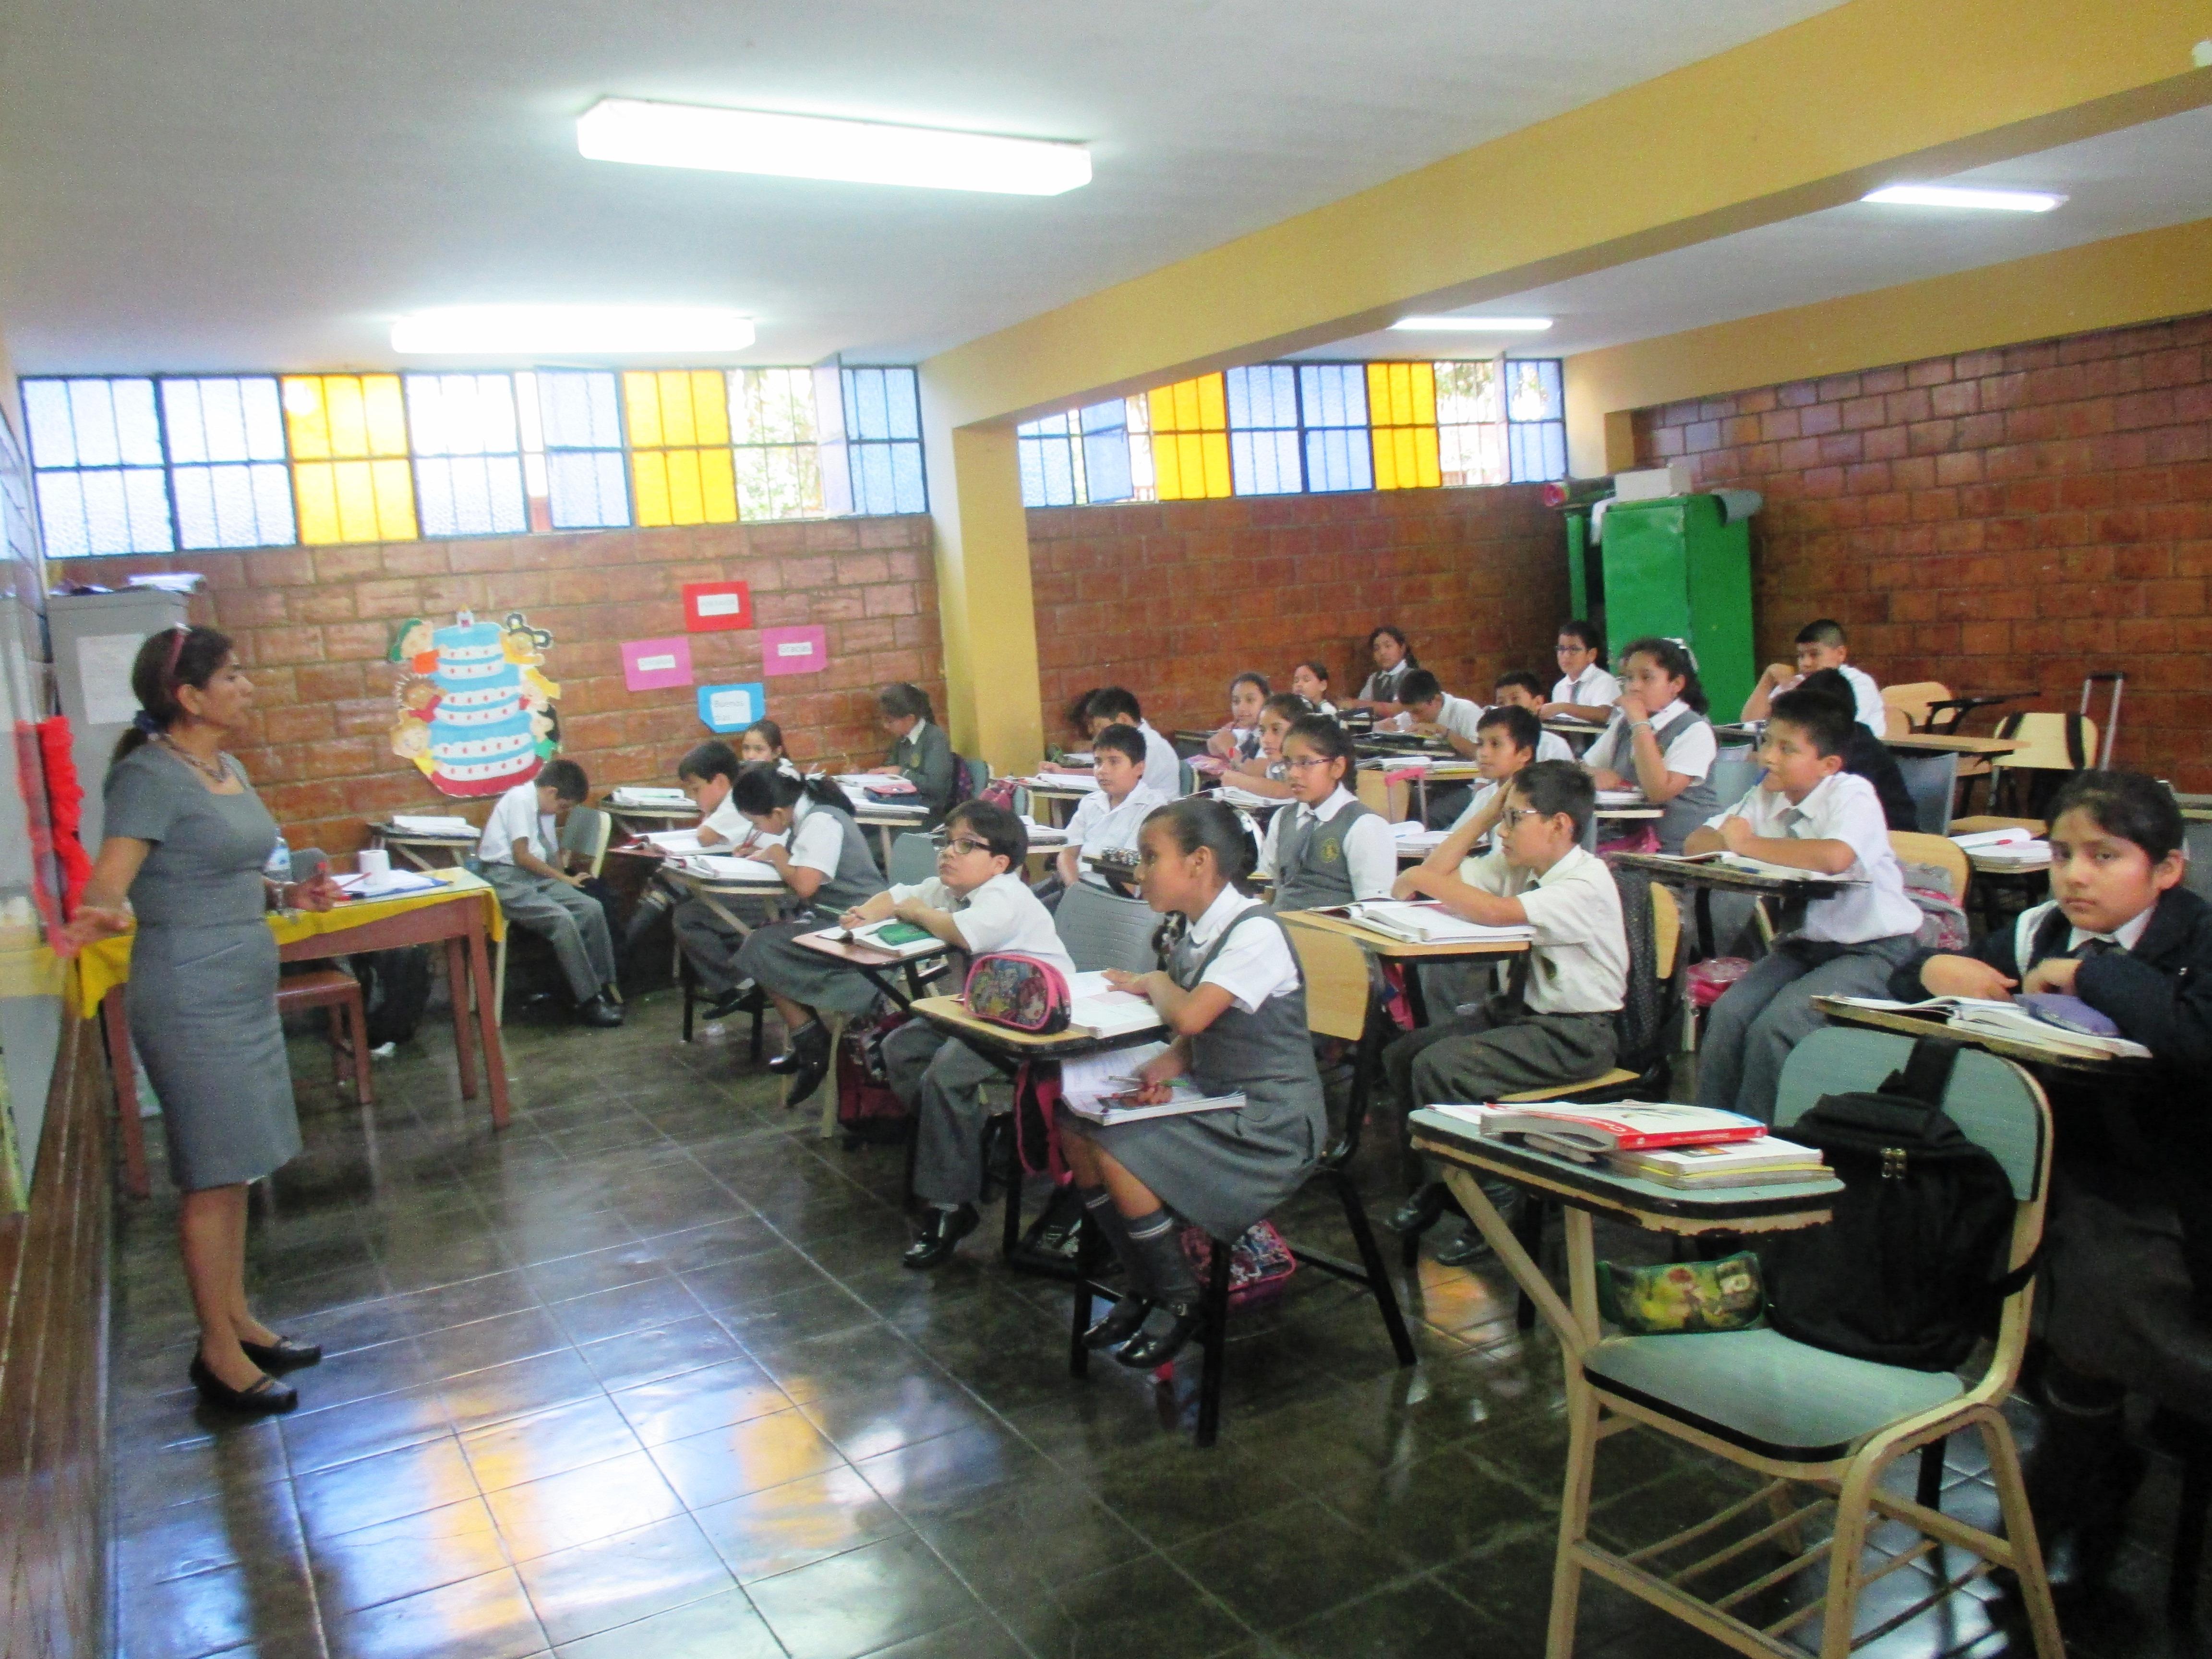 Amplias y ventiladas aulas de clase